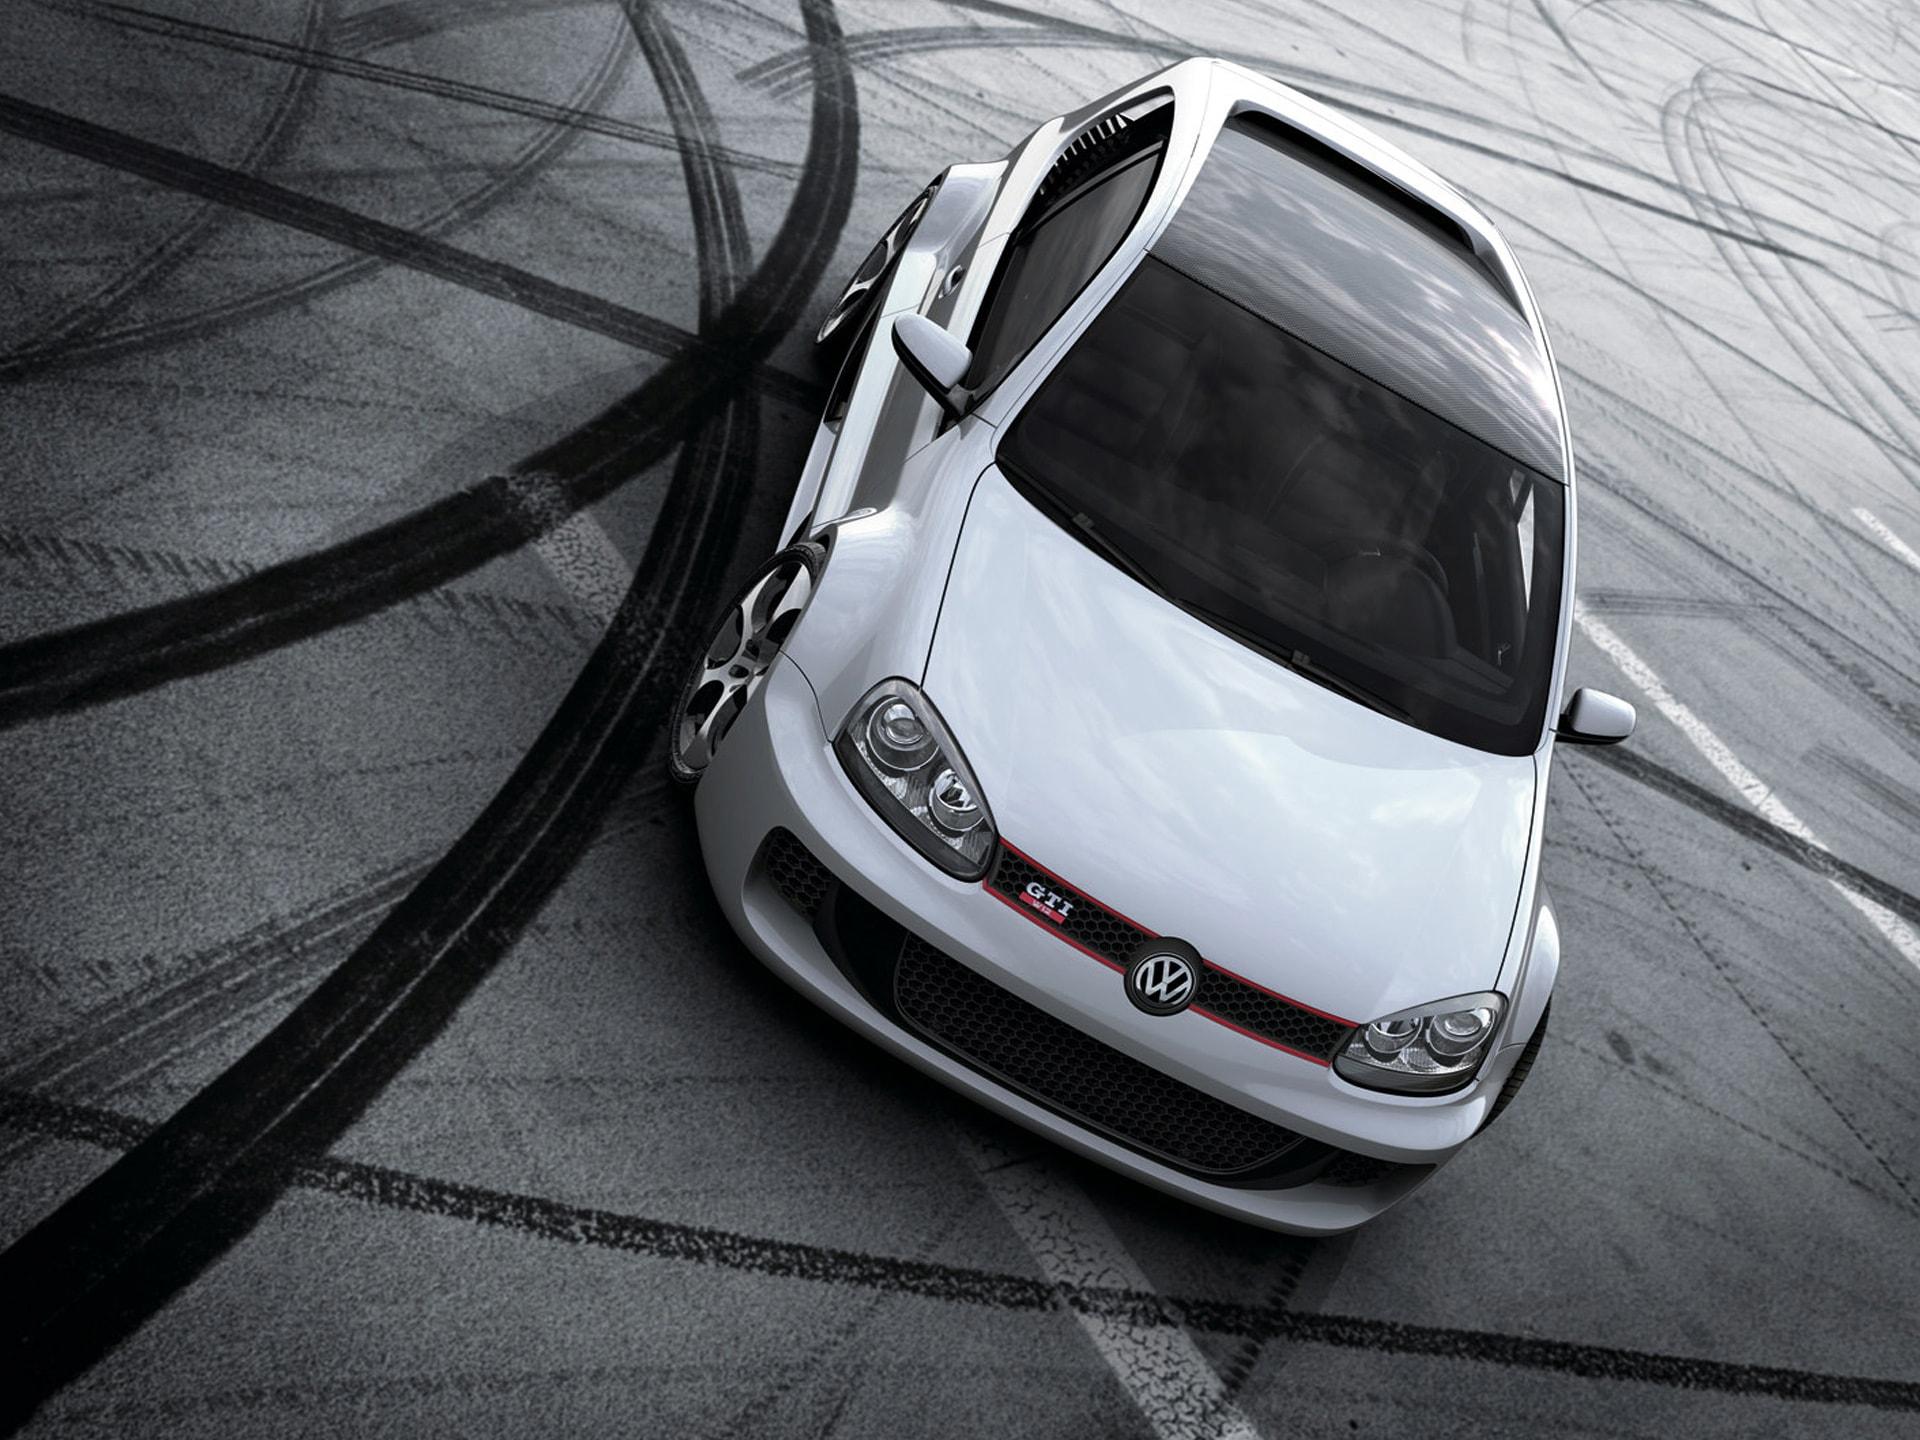 Volkswagen Golf GTI W12-650 Concept Desktop wallpapers